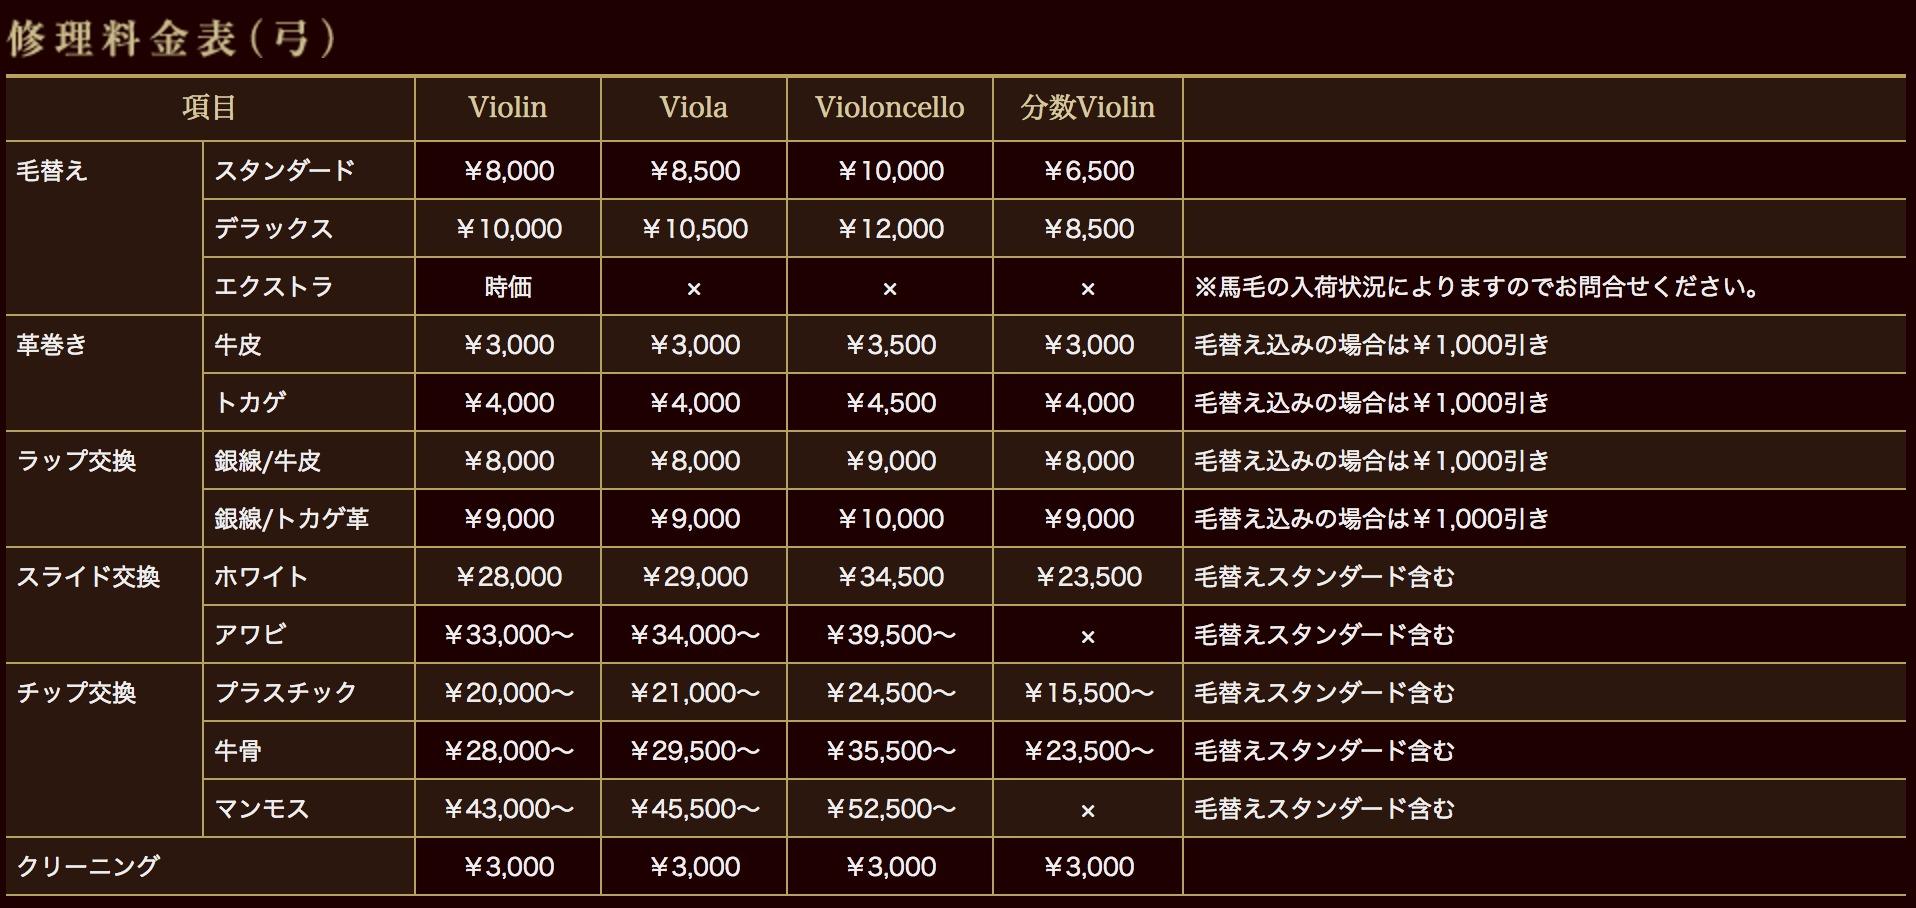 日本弦楽器:修理・調整2